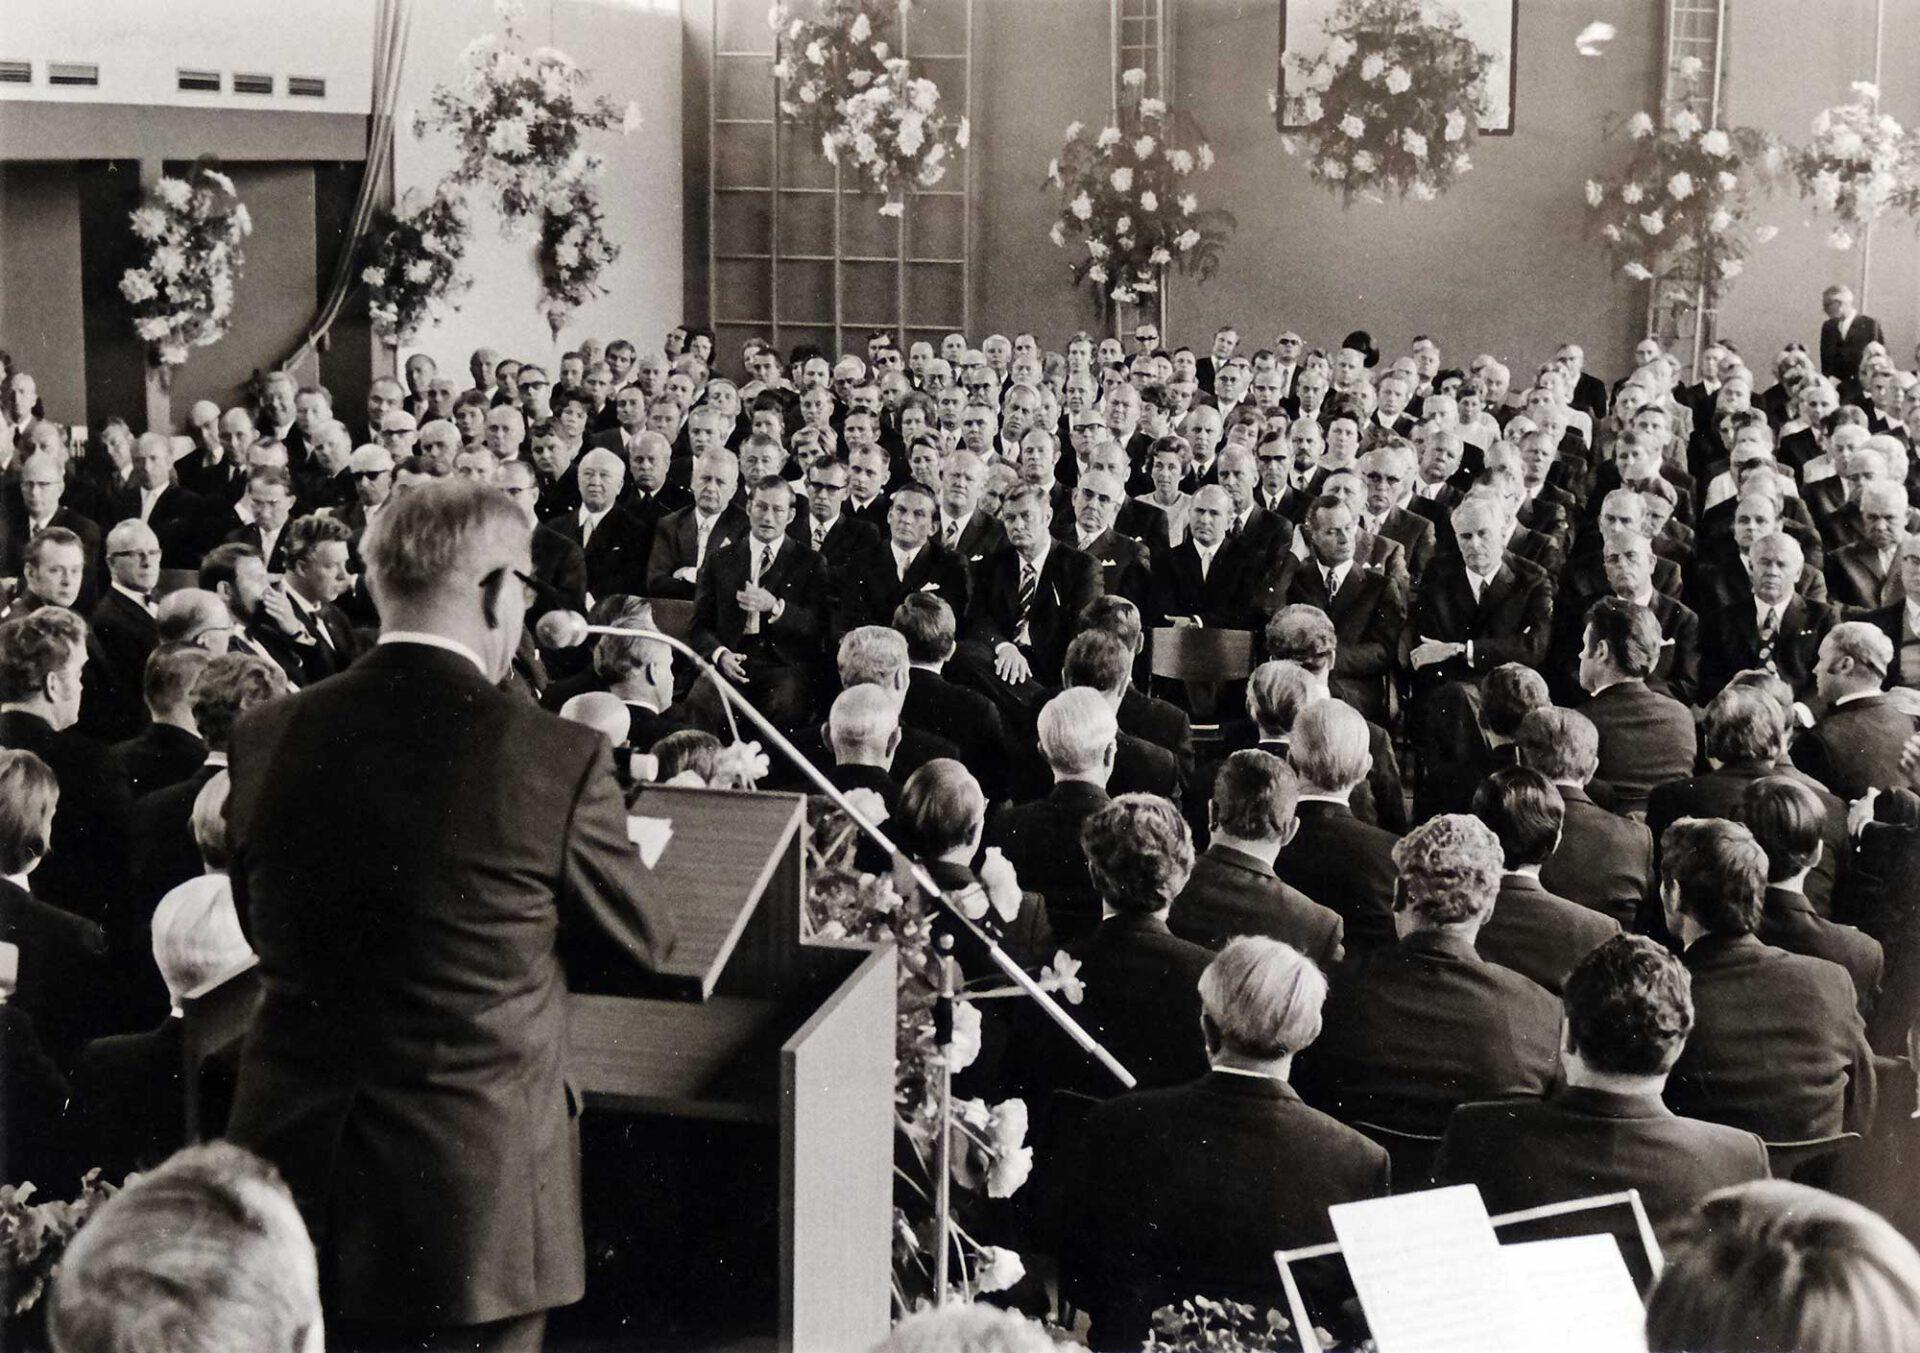 Gebannt folgen die Festgäste den Reden beim Festakt zur Stadtwerdung